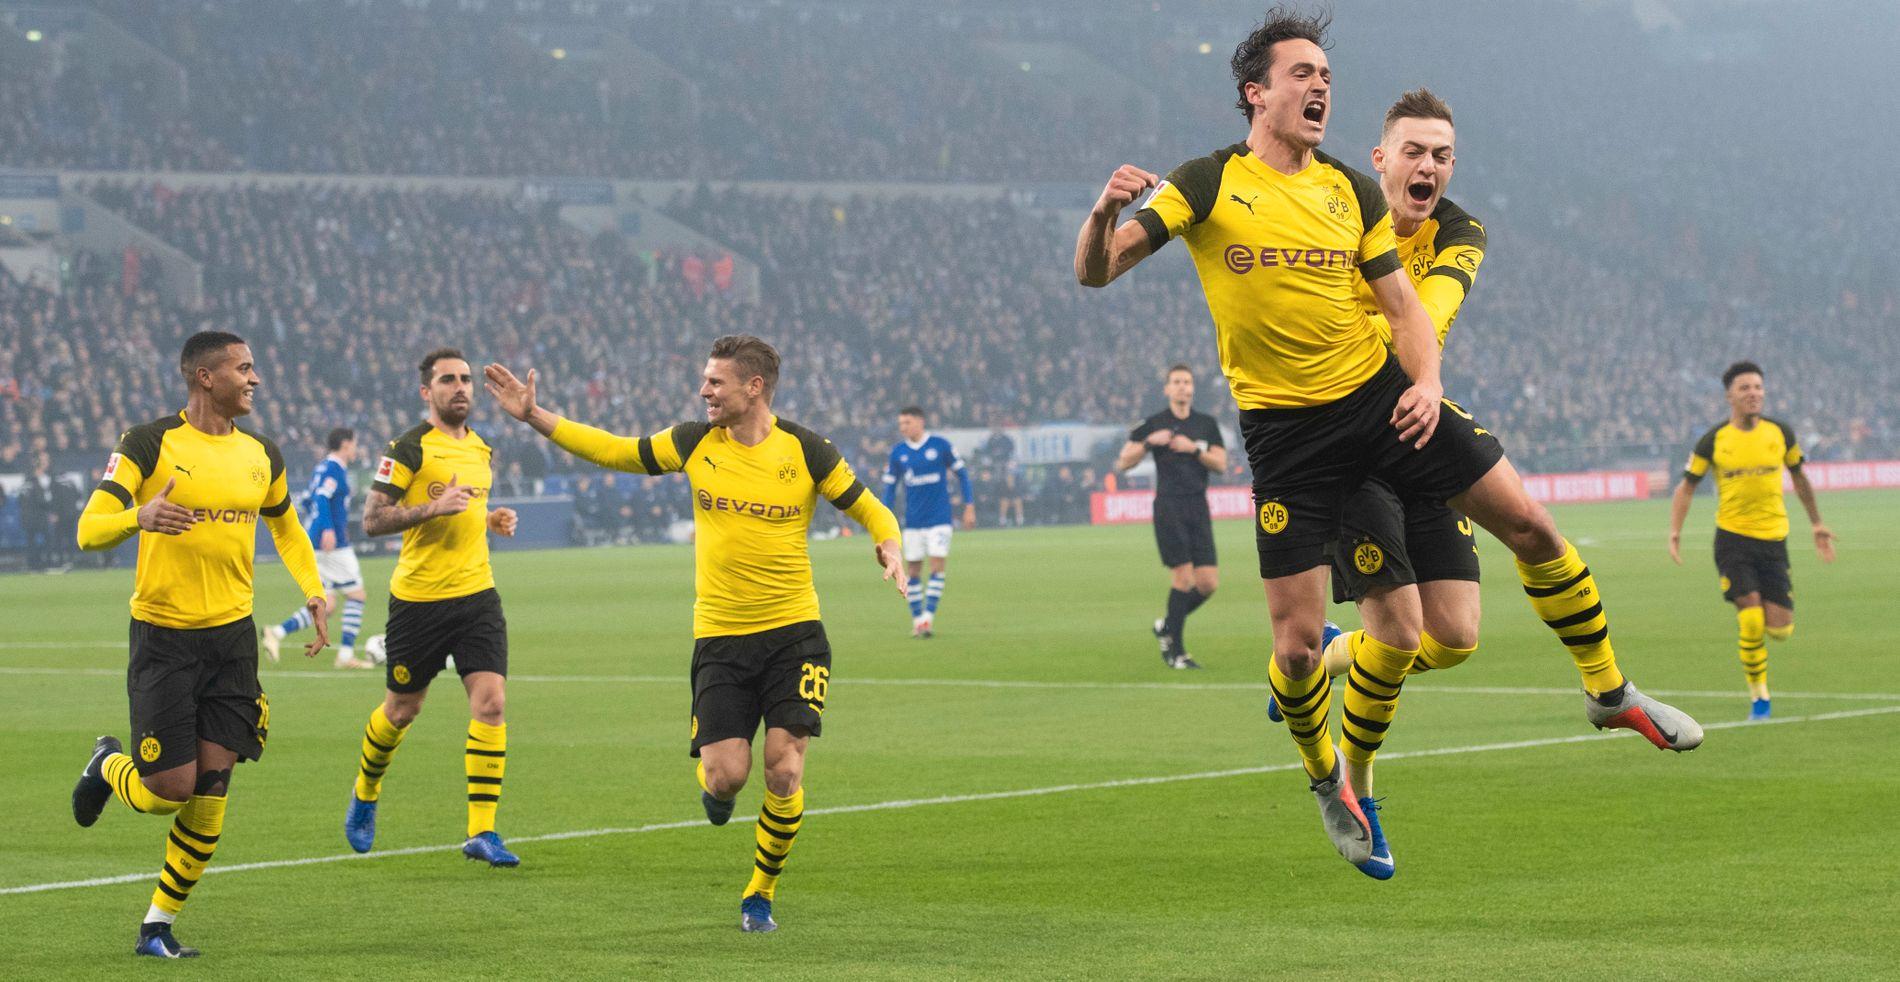 FEIRER MÅL: Thomas Delaney, foran og til høyre i bildet, feirer mål med sine Borussia Dortmund-kompiser mot Schalke den 8. desember 2018.